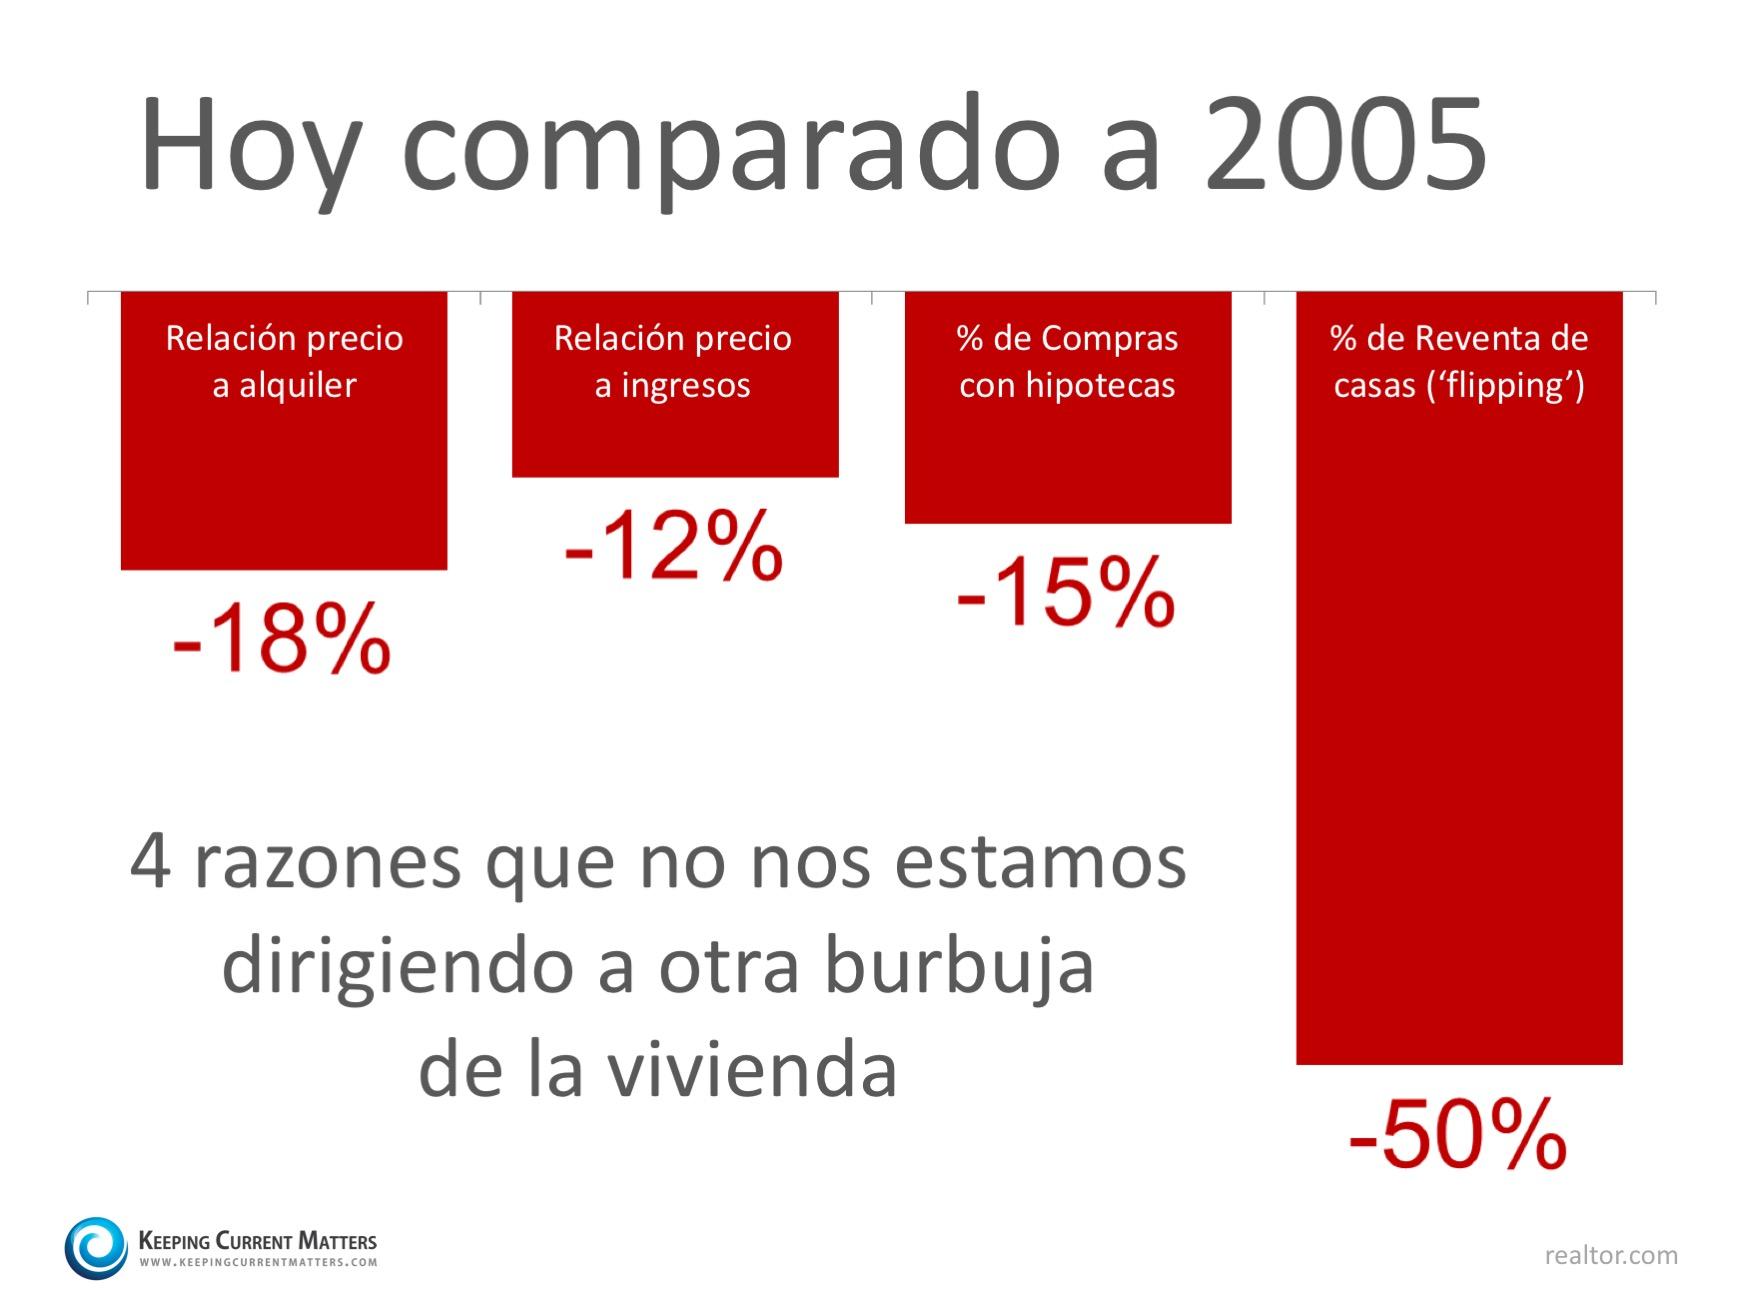 4 estadísticas que prueban que no es 2005 de nuevo  Keeping Current Matters